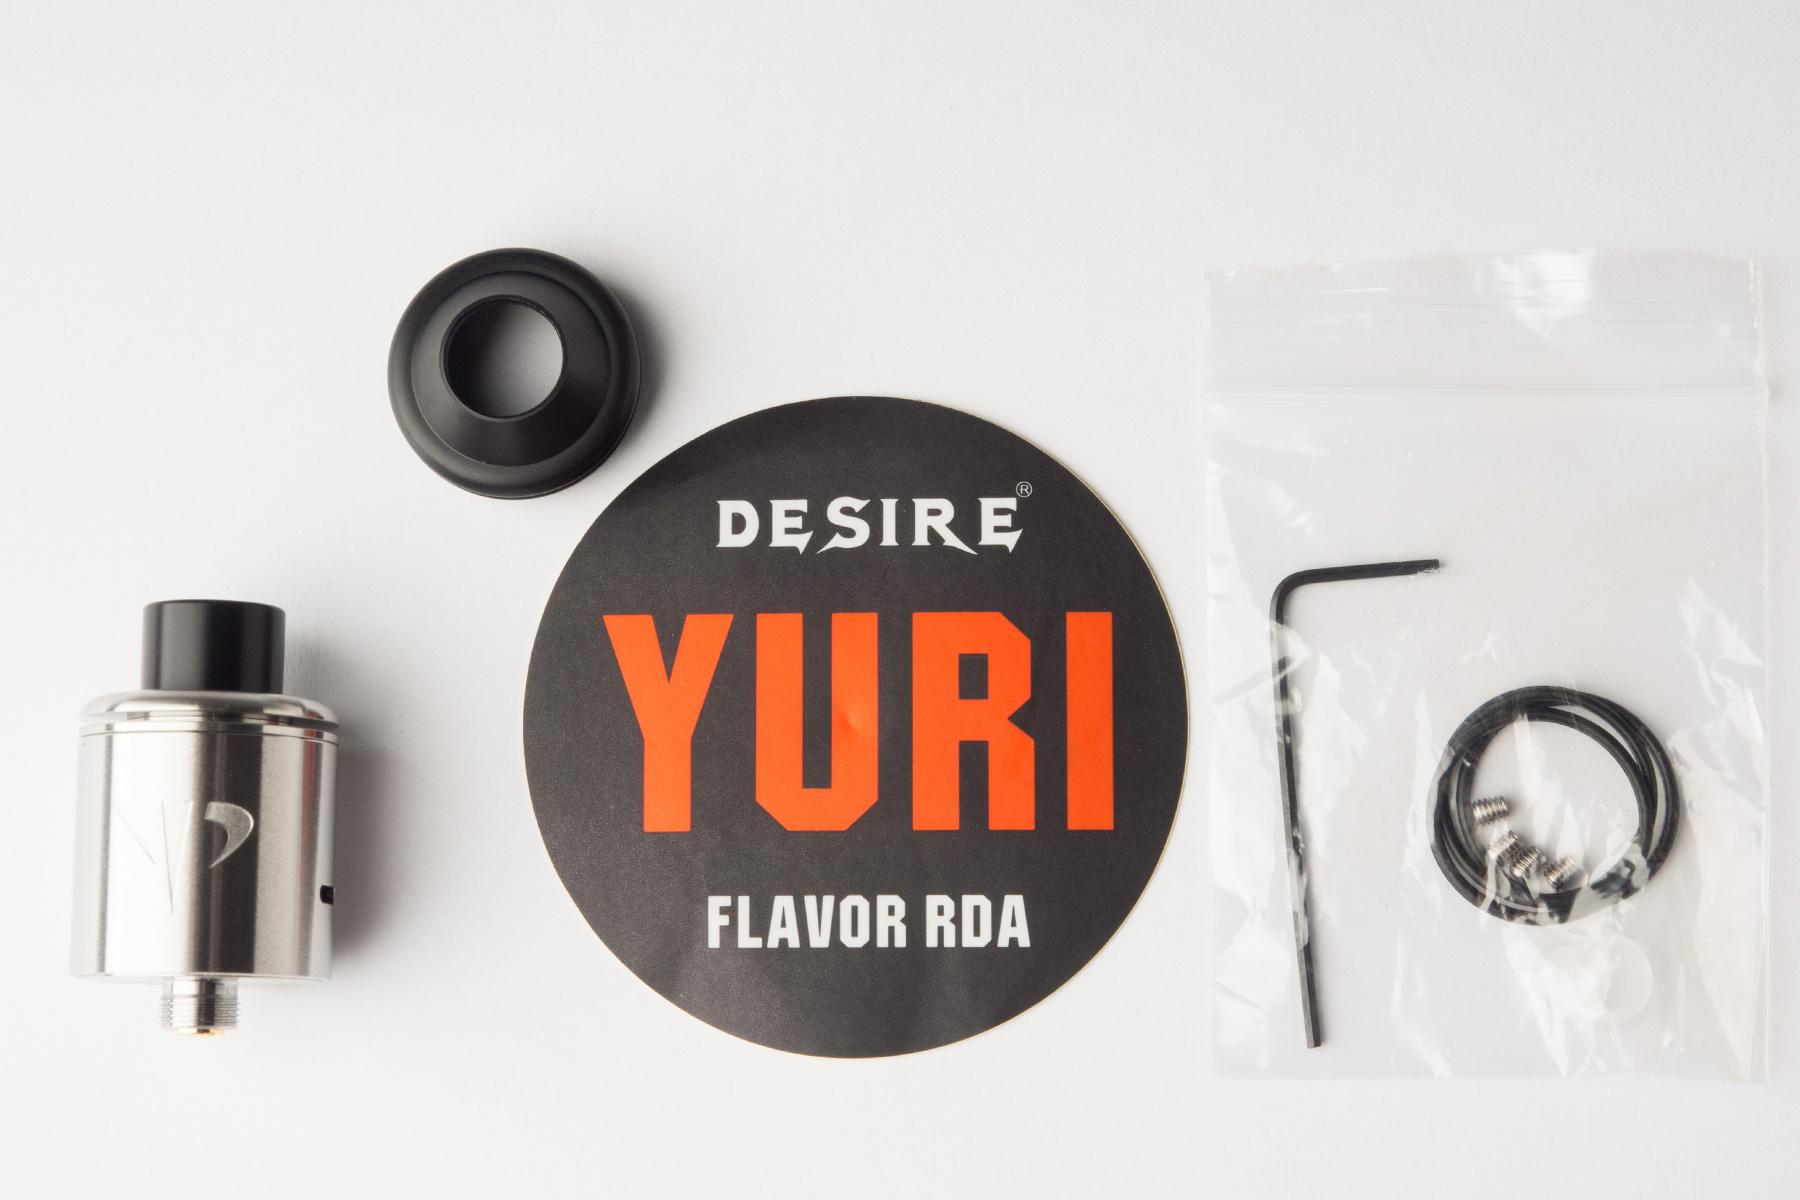 【アトマイザー】YURI RDA「ユーリRDA」 (DESIRE/デザイア) レビュー